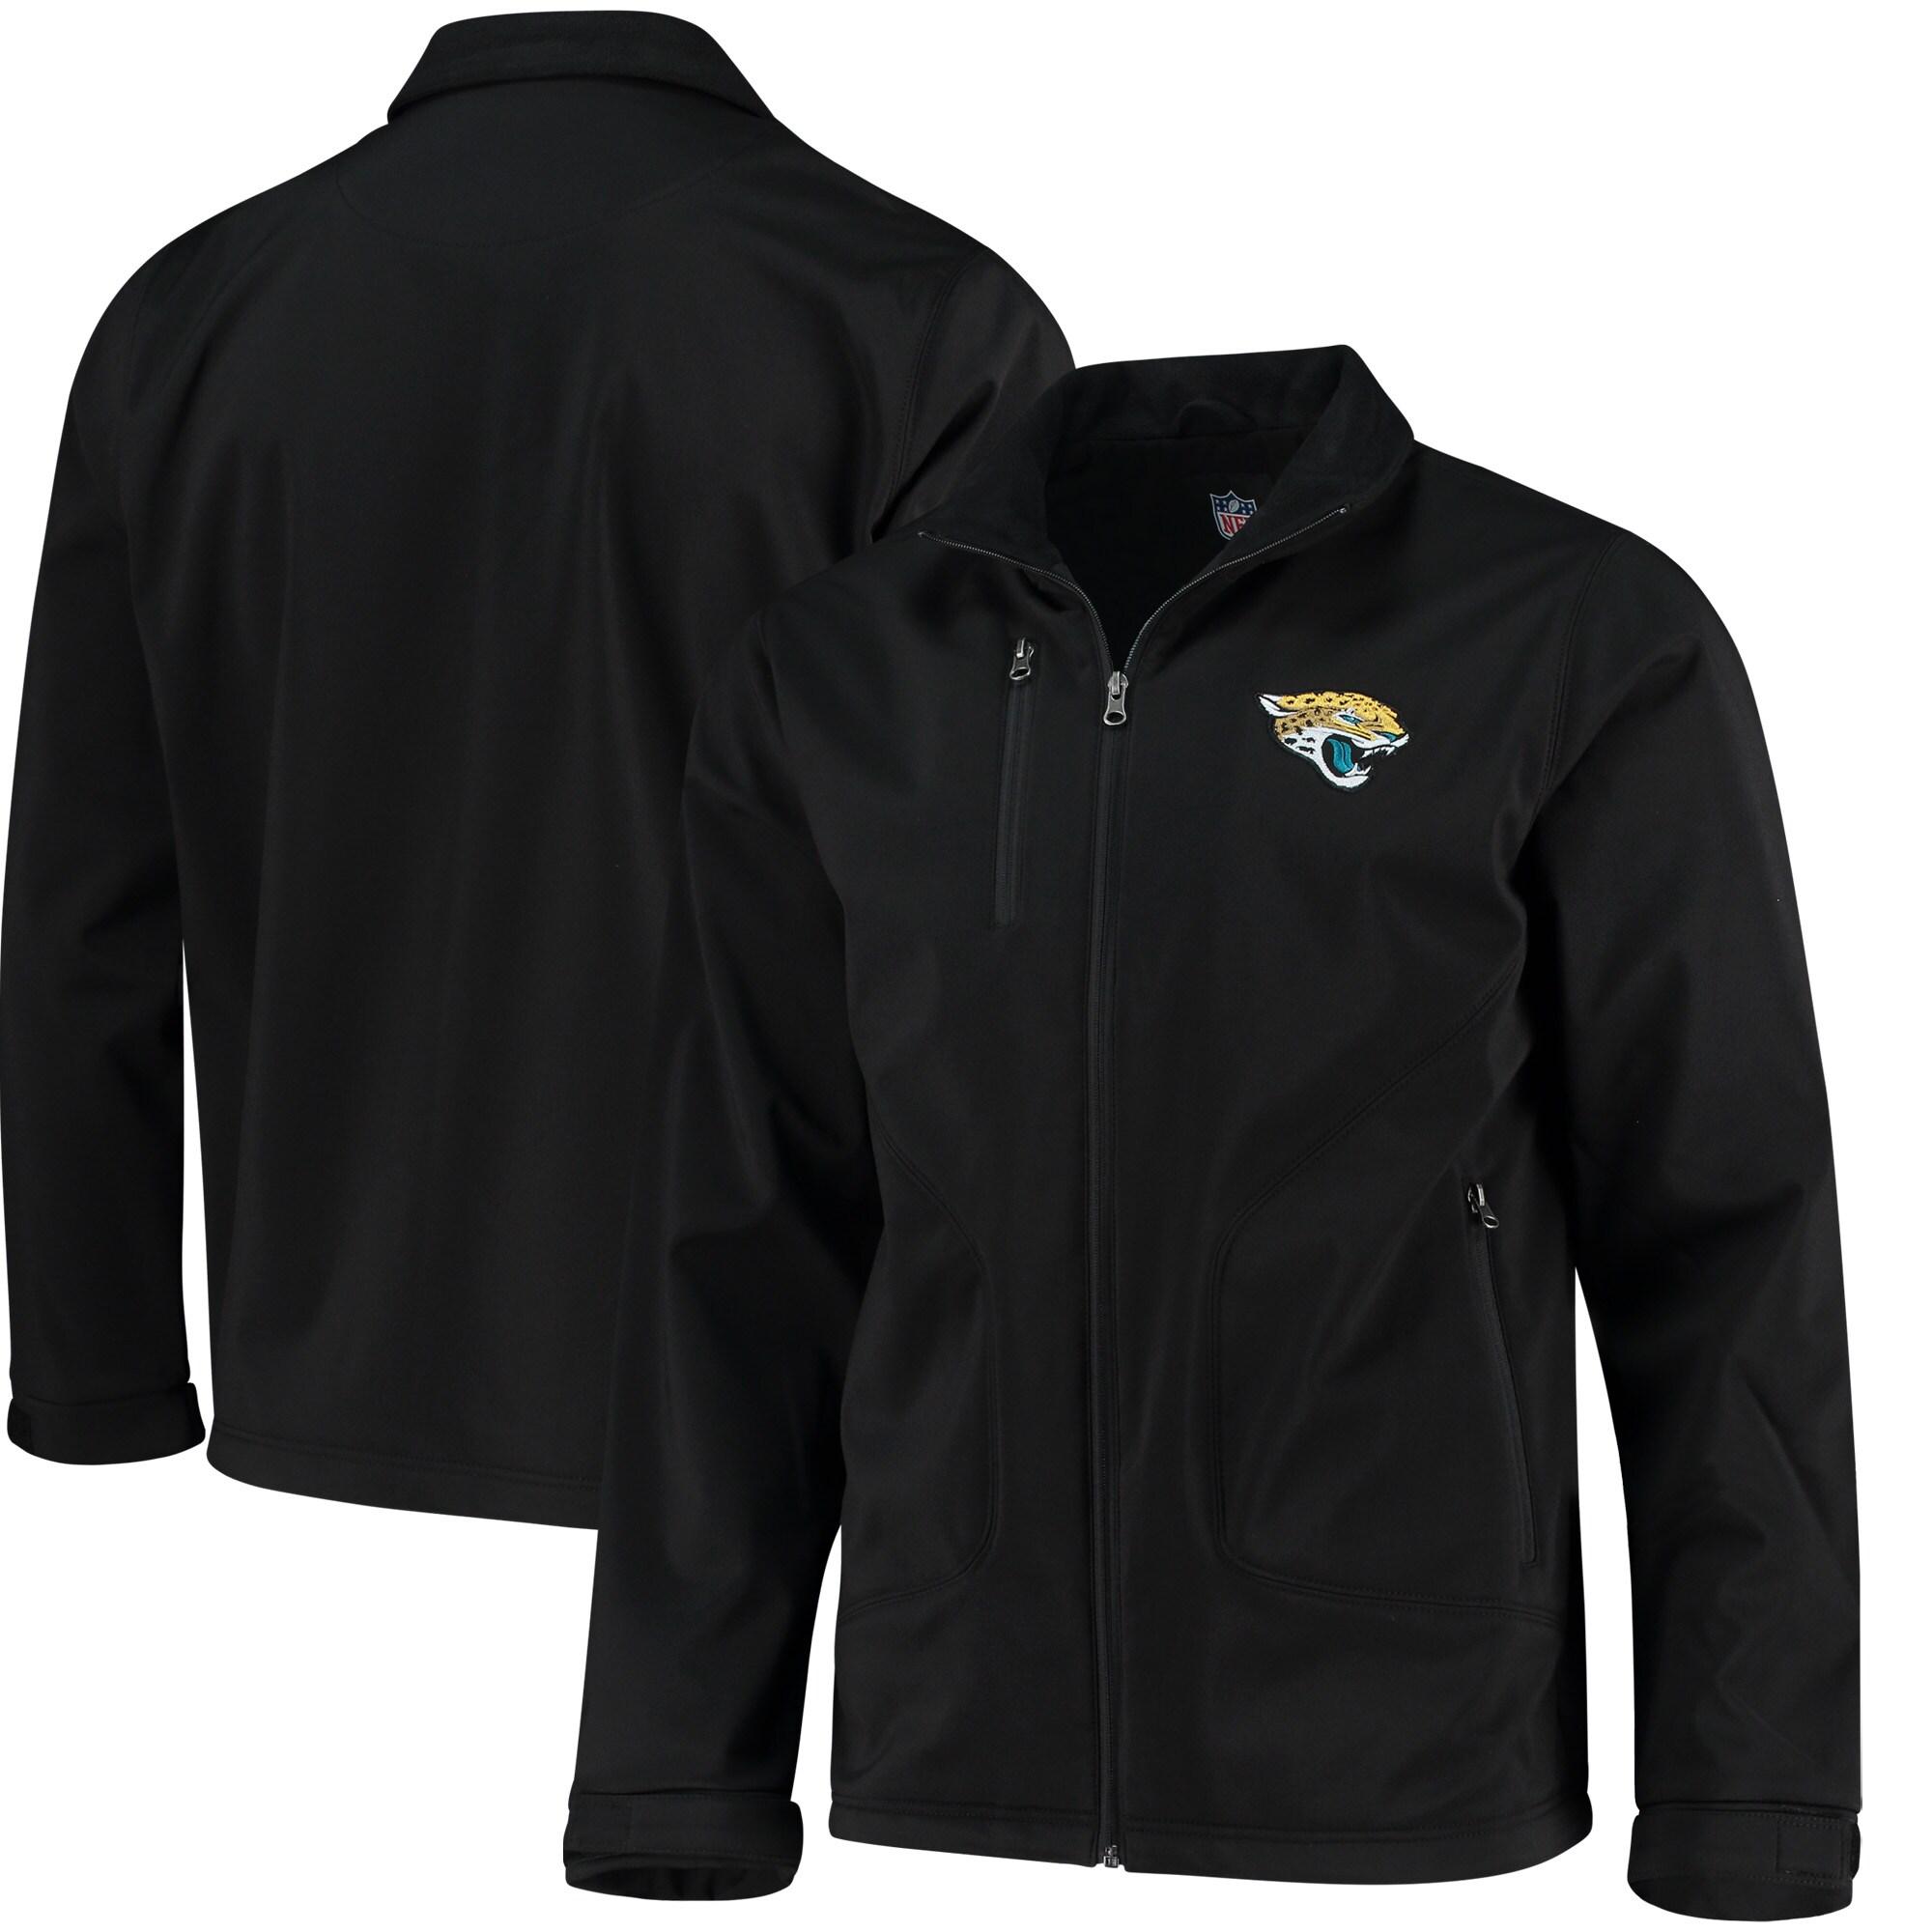 Jacksonville Jaguars Hands High Strong Side Soft Shell Jacket - Black